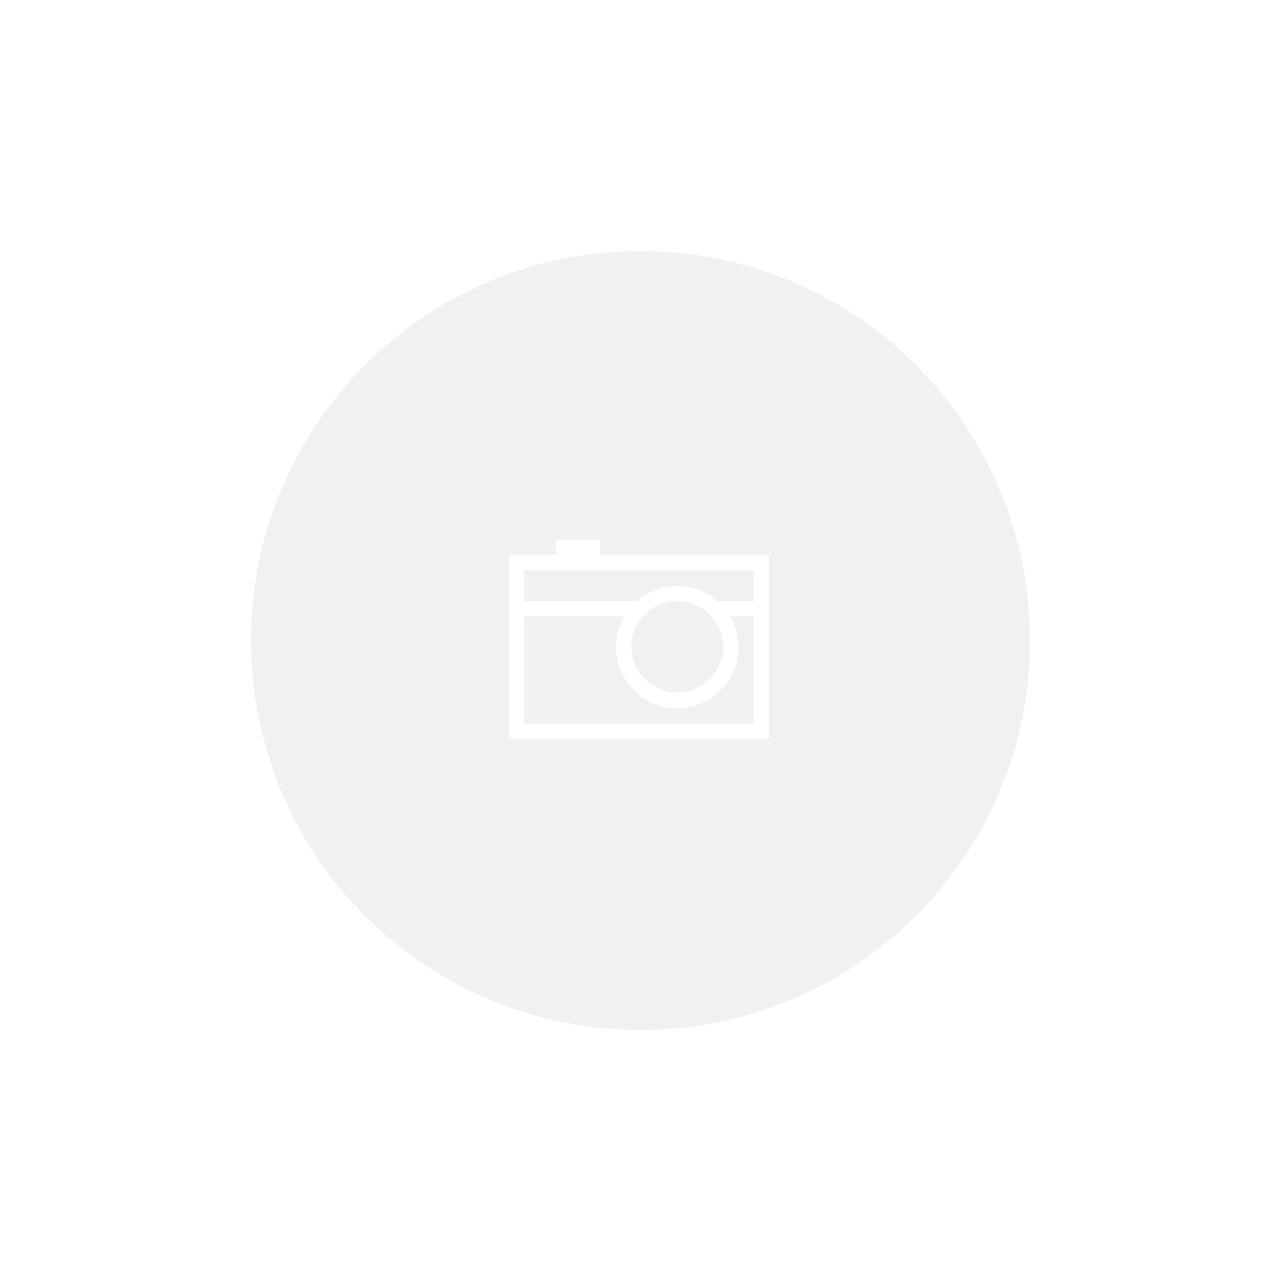 SENSOR ECHOWELL VELOCIDADE E CADÊNCIA BTR-20 BLUETOOTH